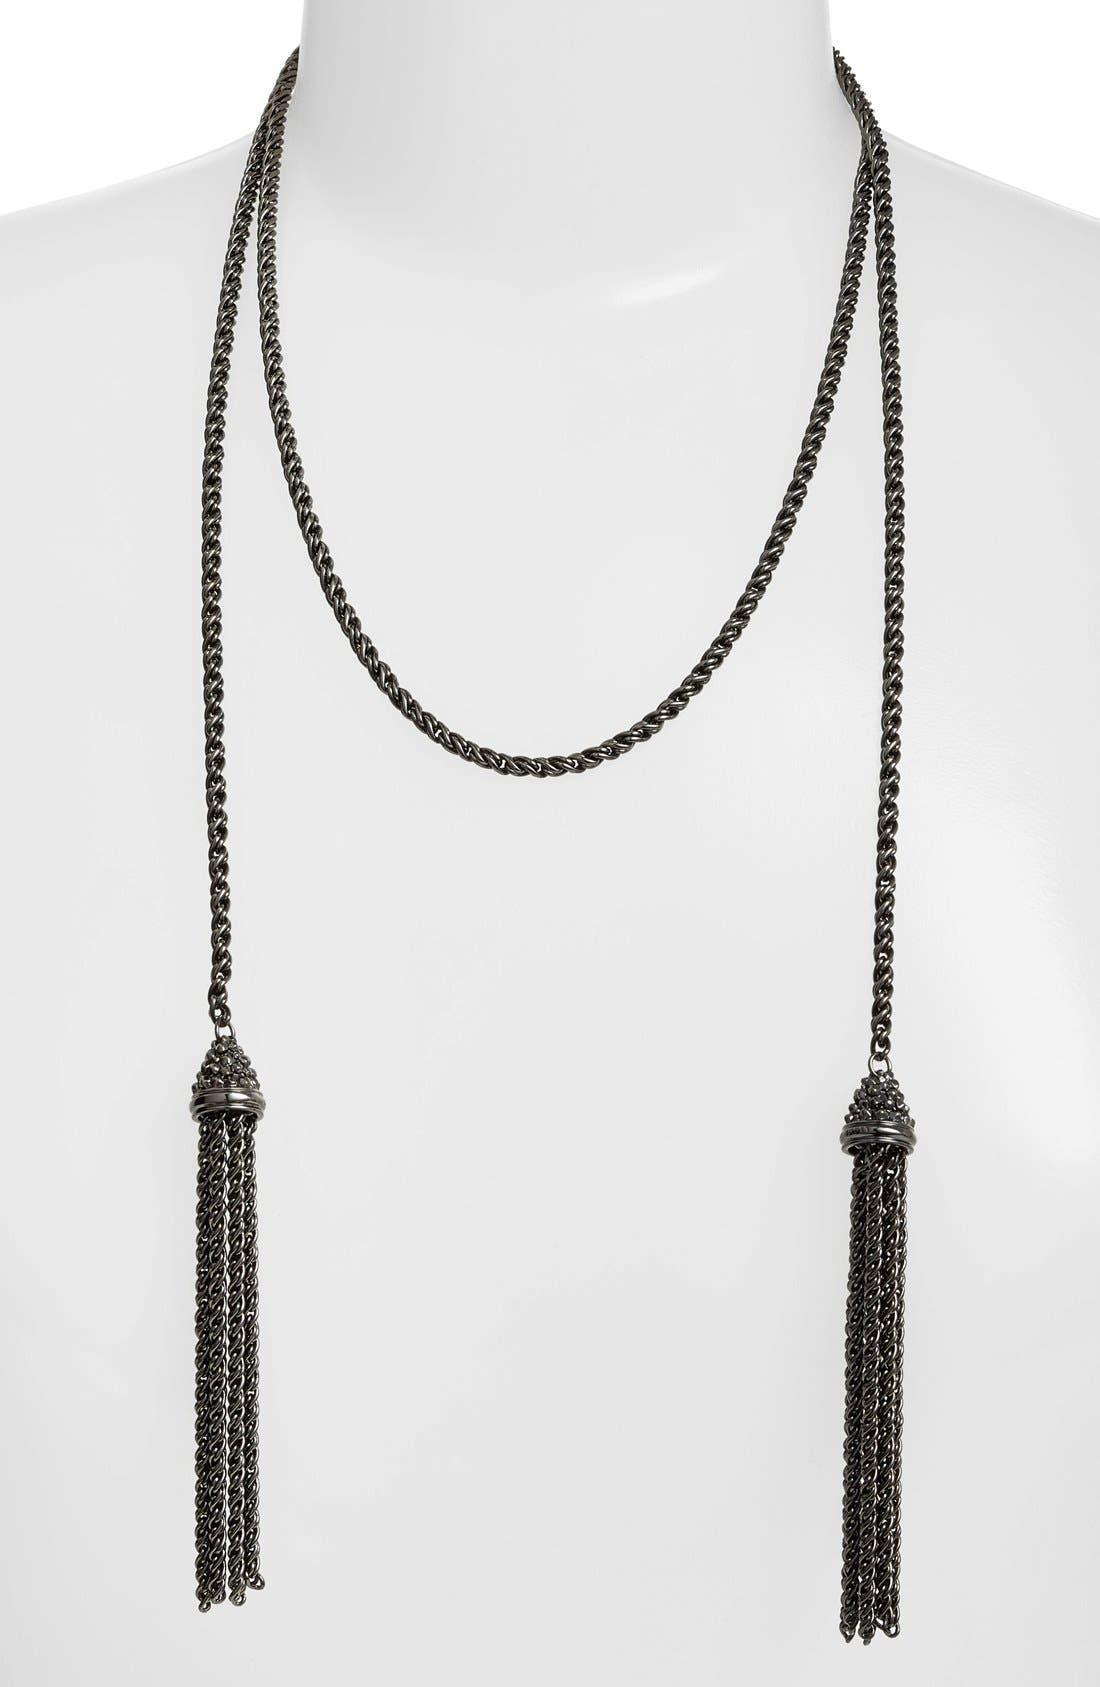 KENDRA SCOTT, 'Jake' Lariat Pendant Necklace, Alternate thumbnail 2, color, 001